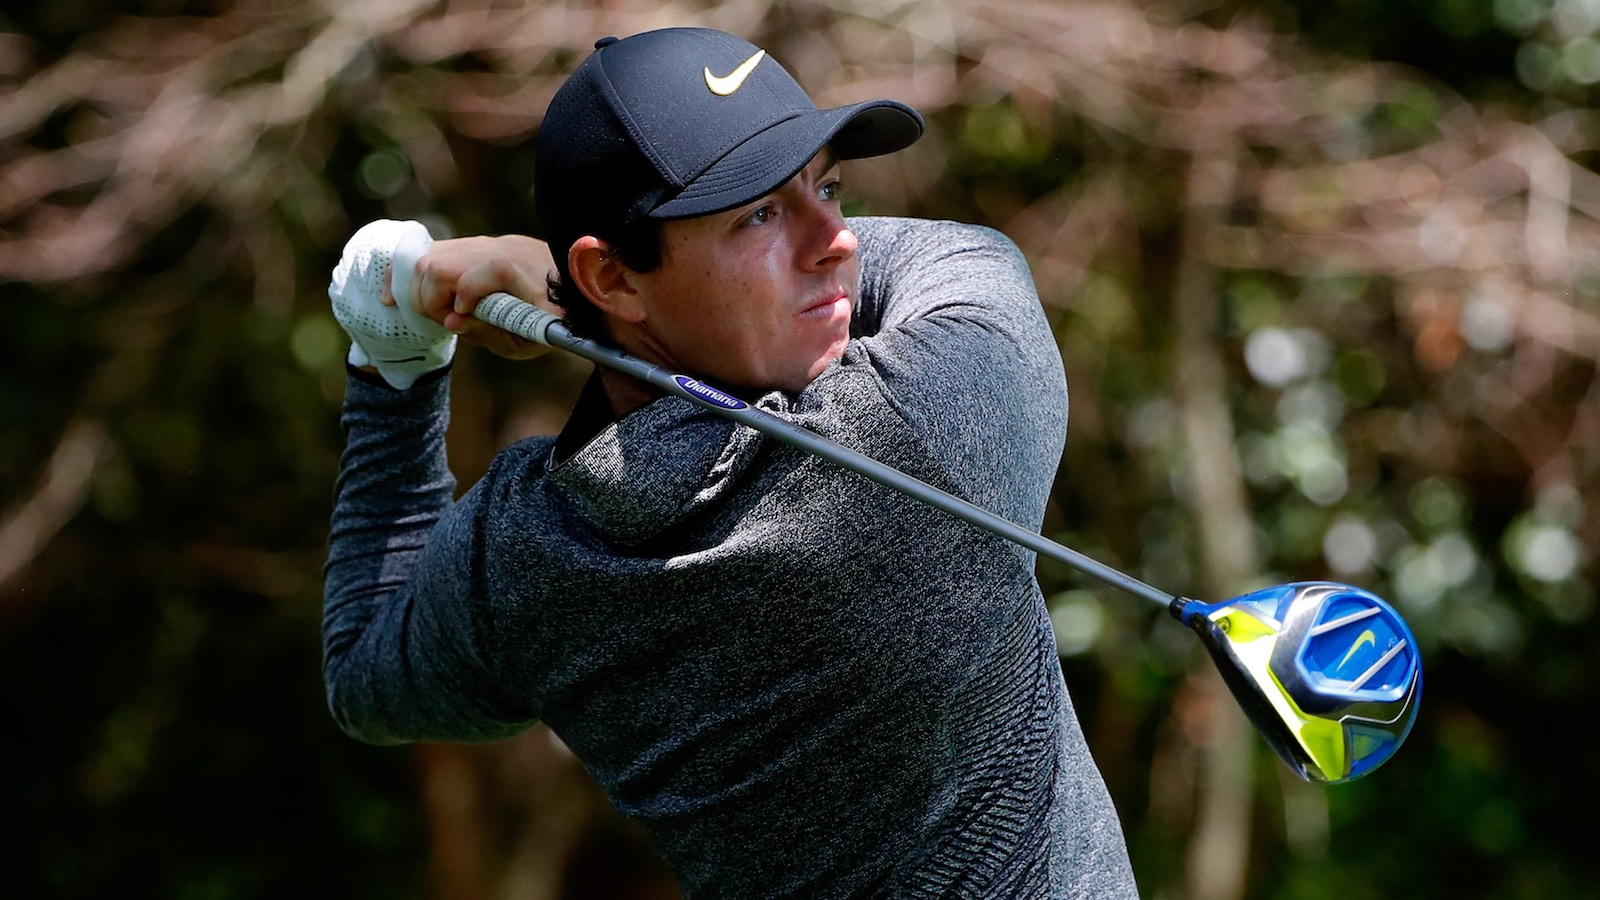 040716-Rory-McIlroy-Kobe-Bryant-Masters-3-PI